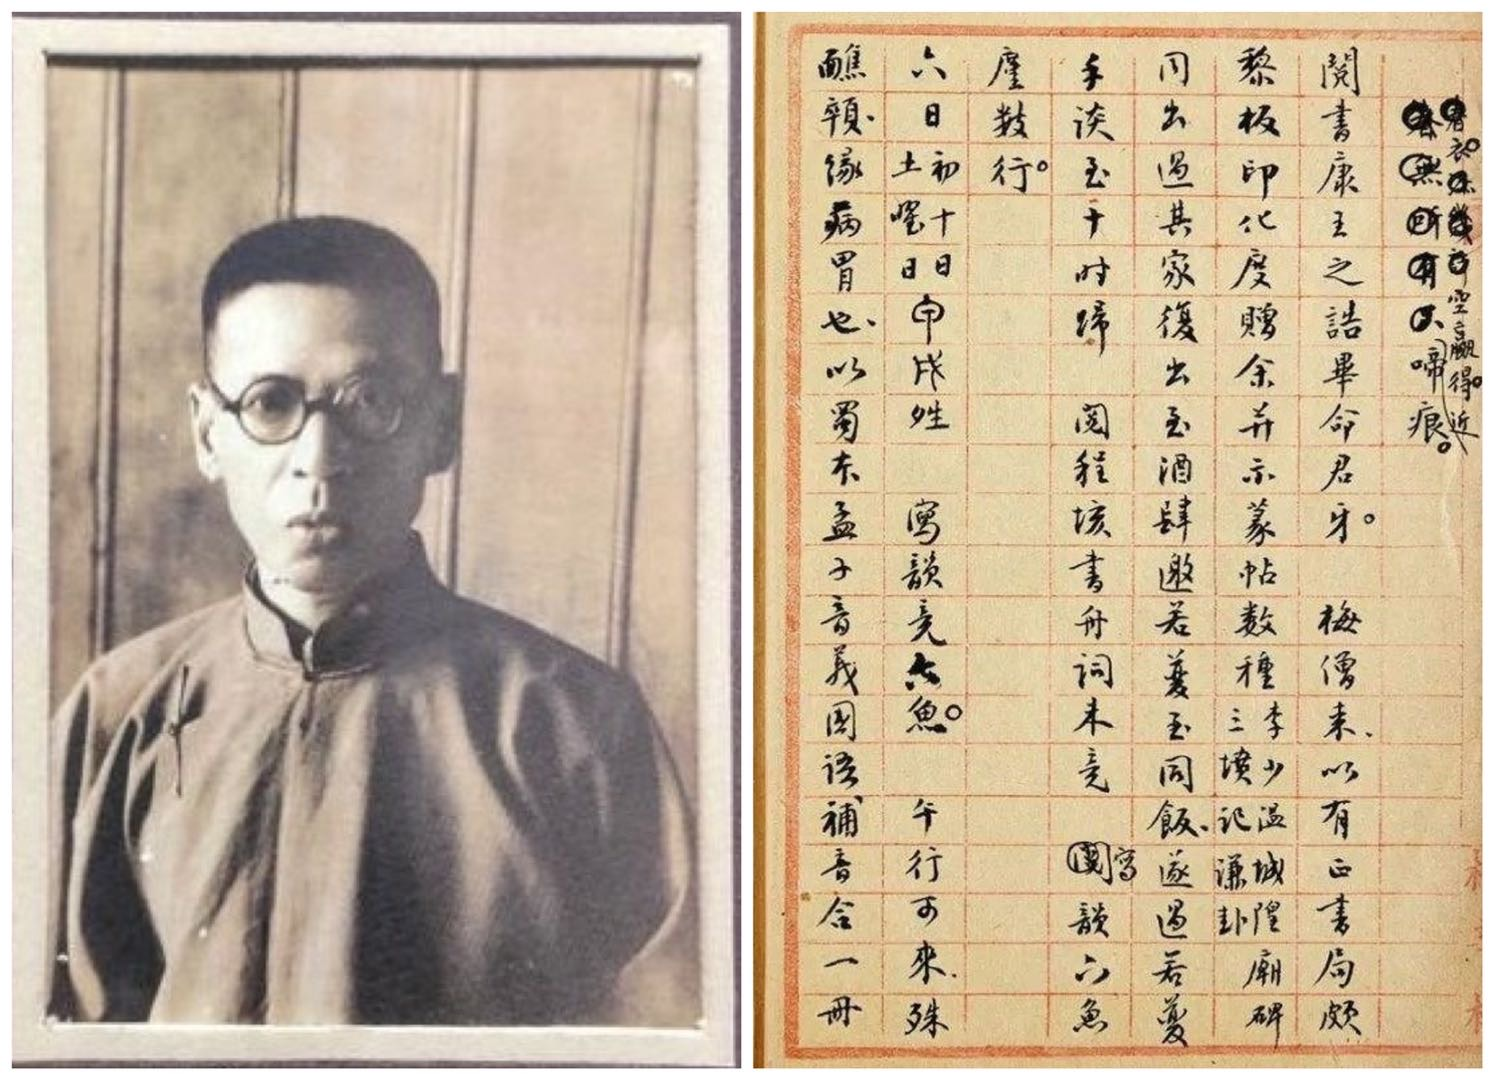 国学大师黄侃的最后一个春节